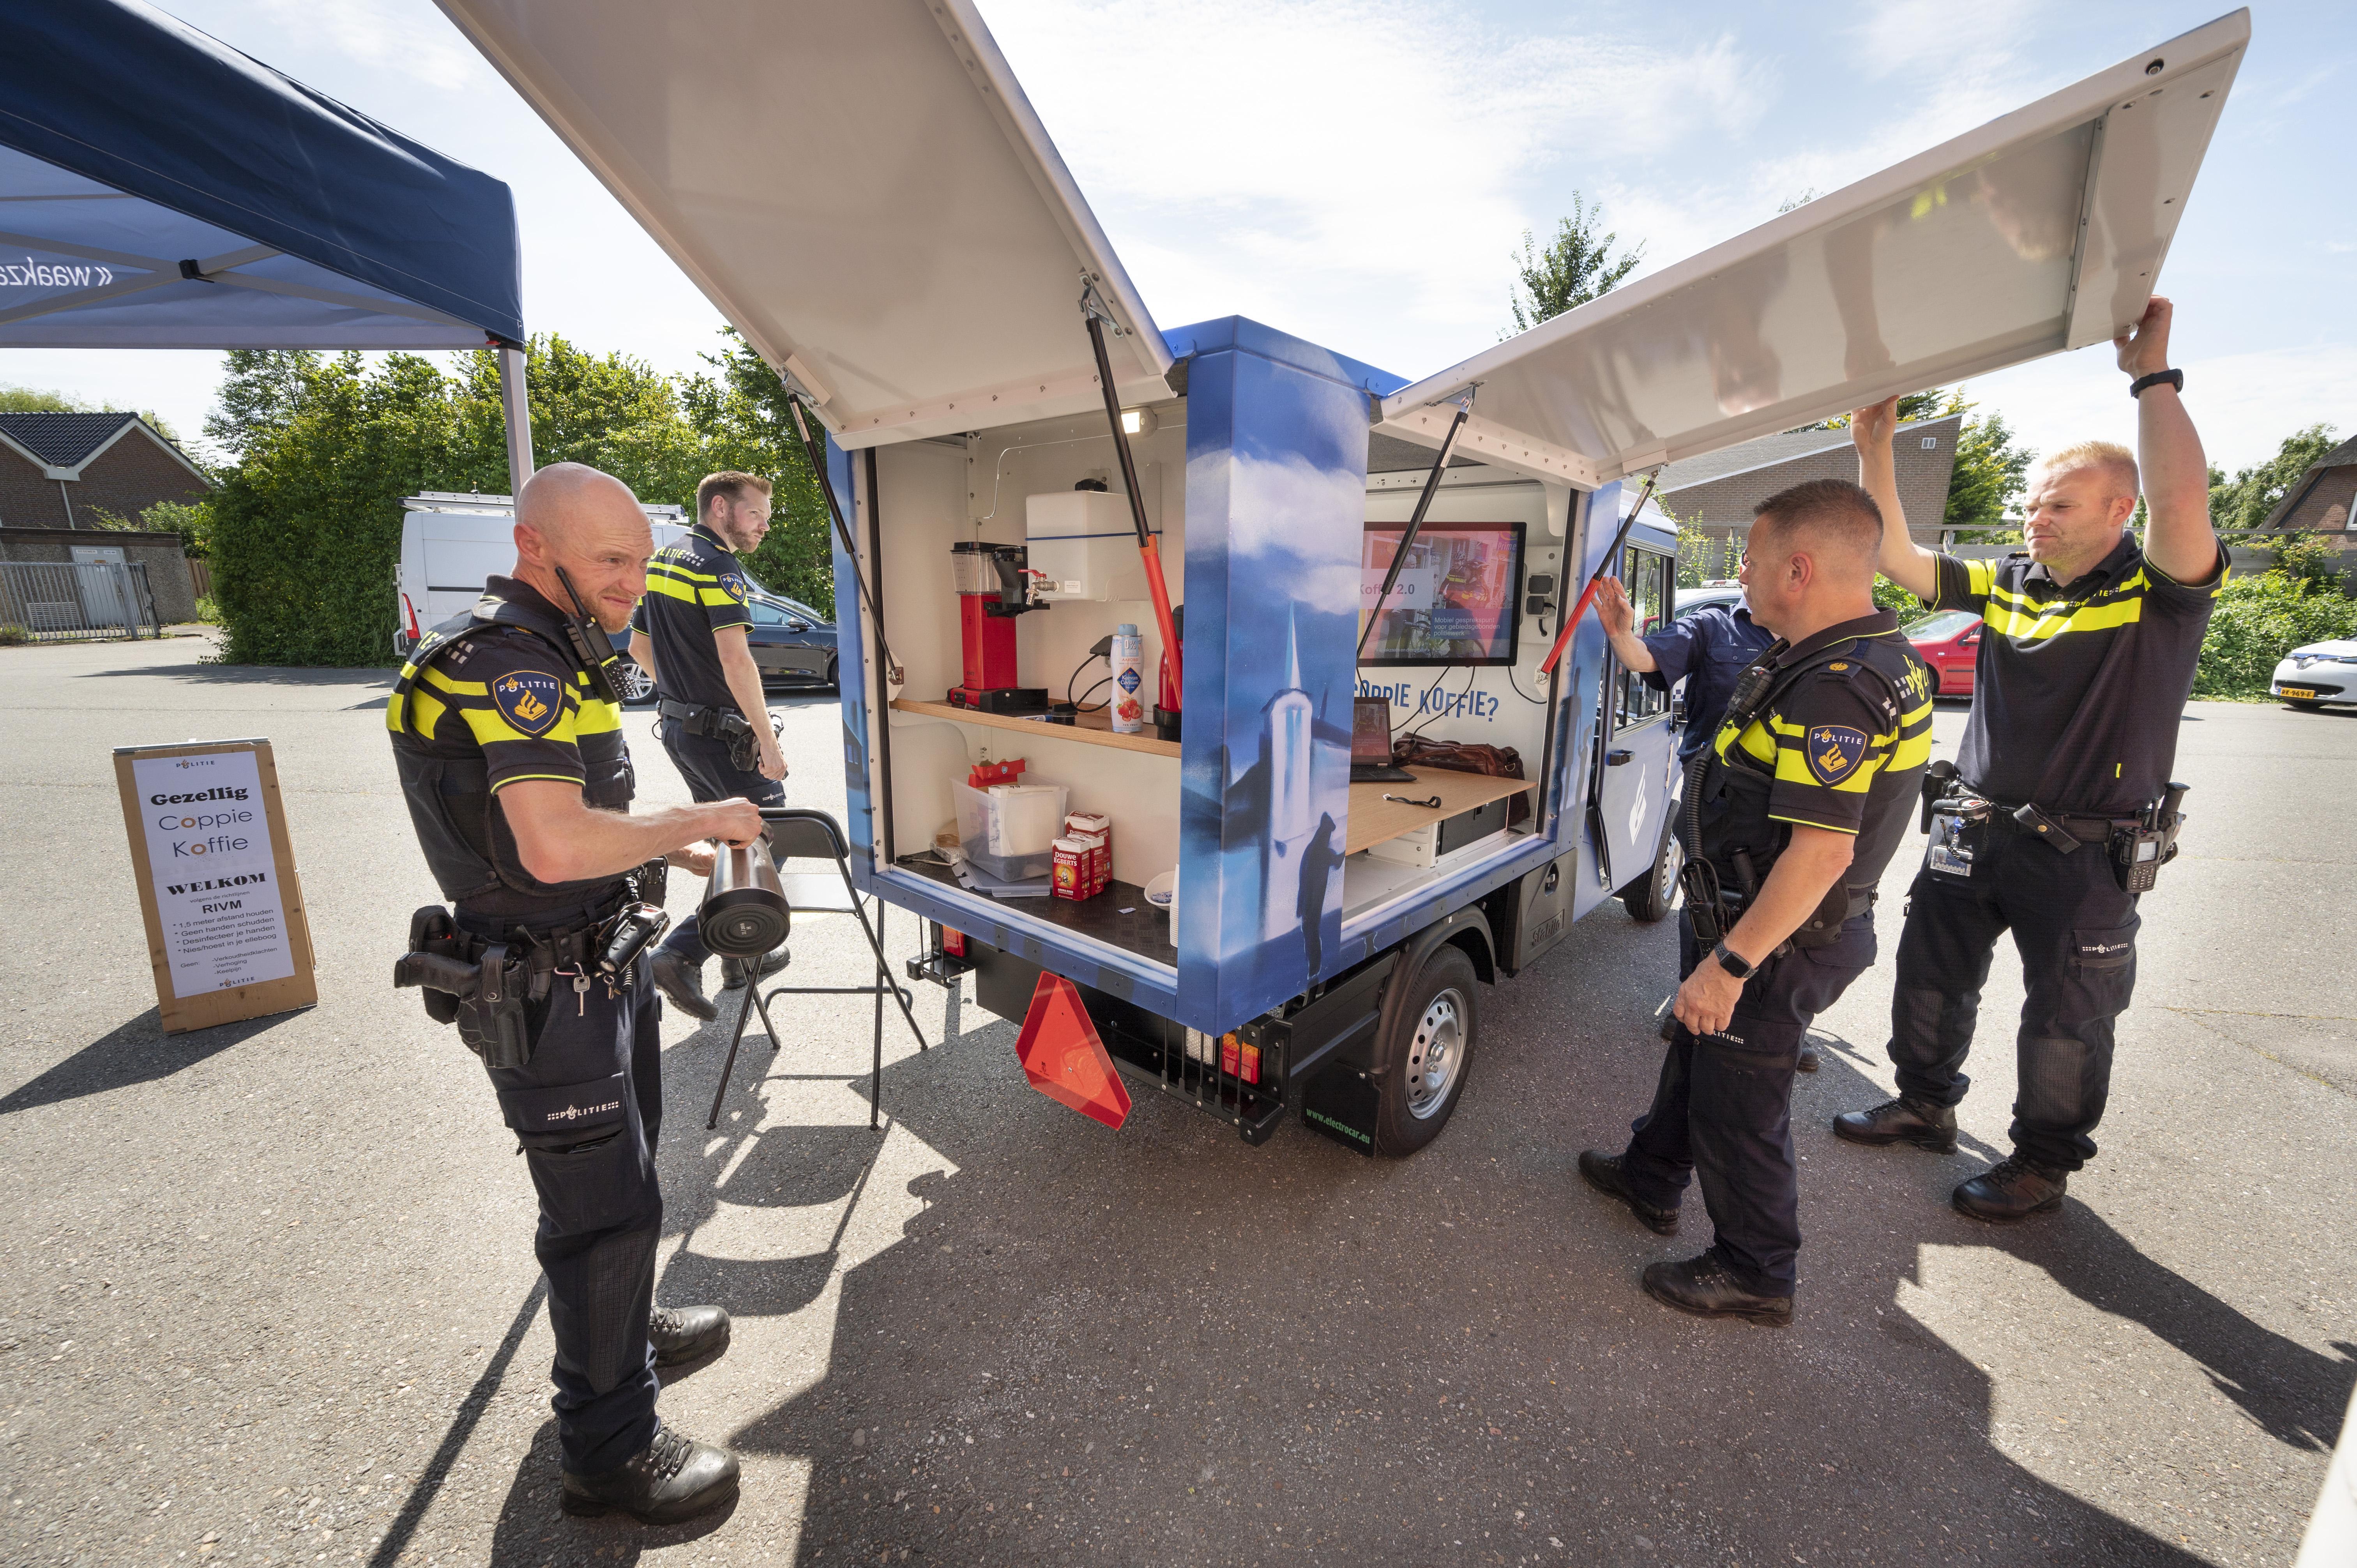 Politie Kaag en Braassem neemt rijdend bureau in gebruik Coppie Koffie voor een gesprek met een agent